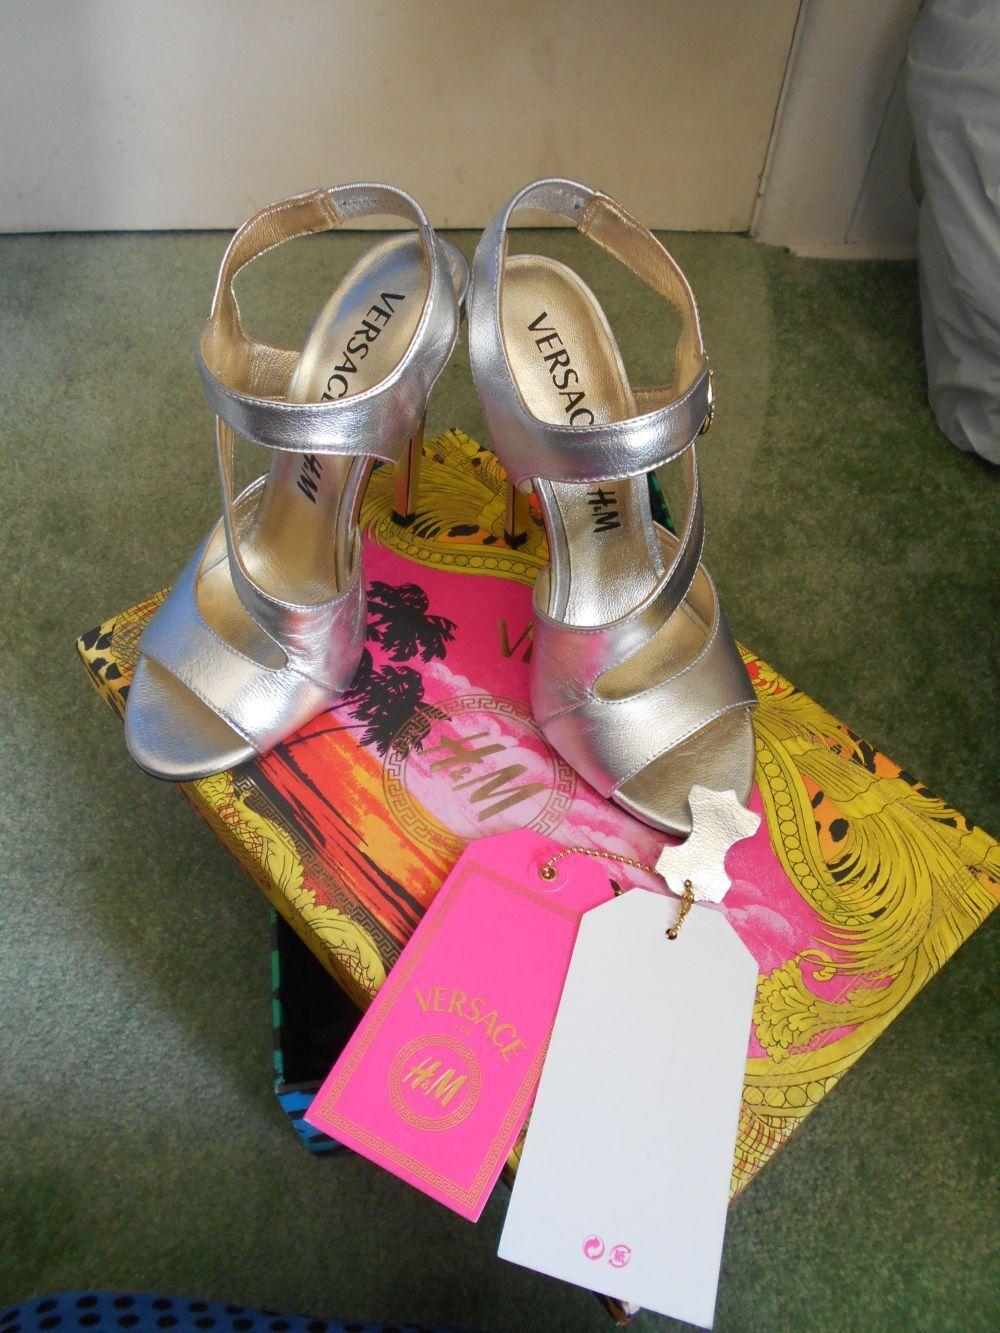 Gianni VERSACE @ H&M Scarpe molto sexy 4 37 argento in pelle con scatola etichette bellissimi